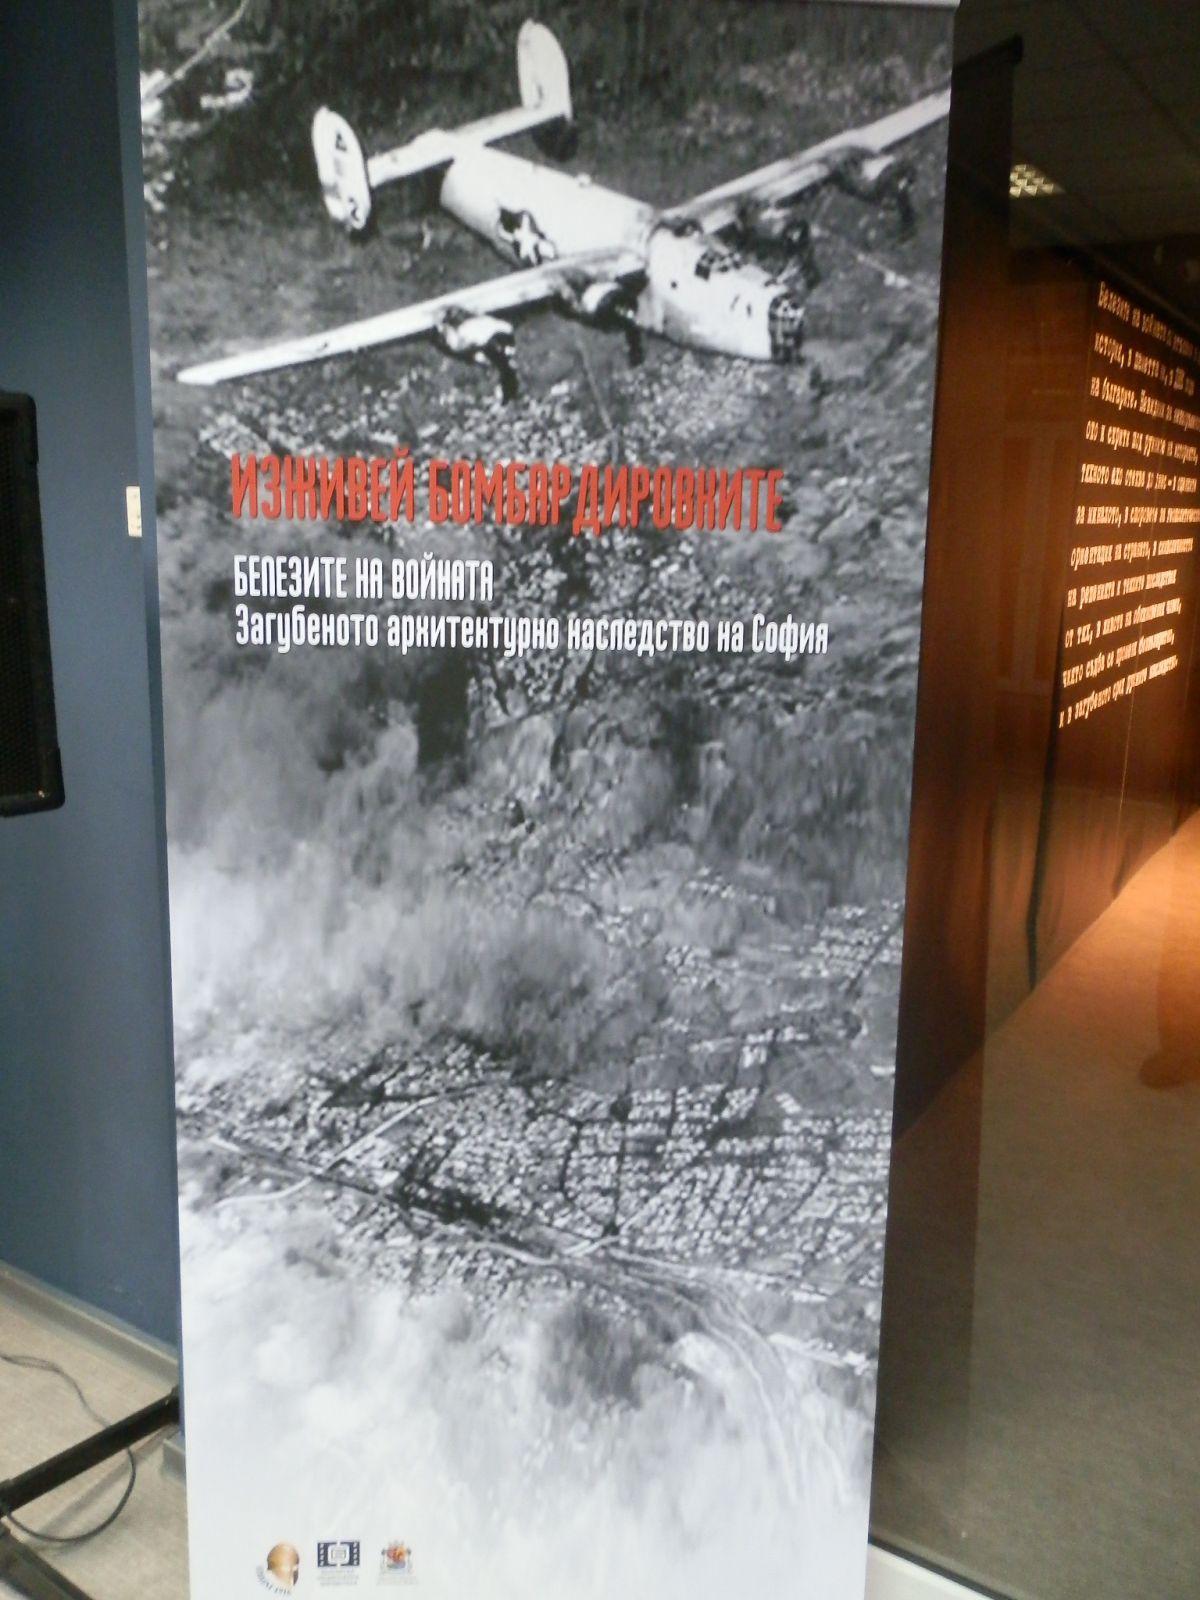 Изложба припомня варварските англо-американски бомбардировки над София през Втората световна война